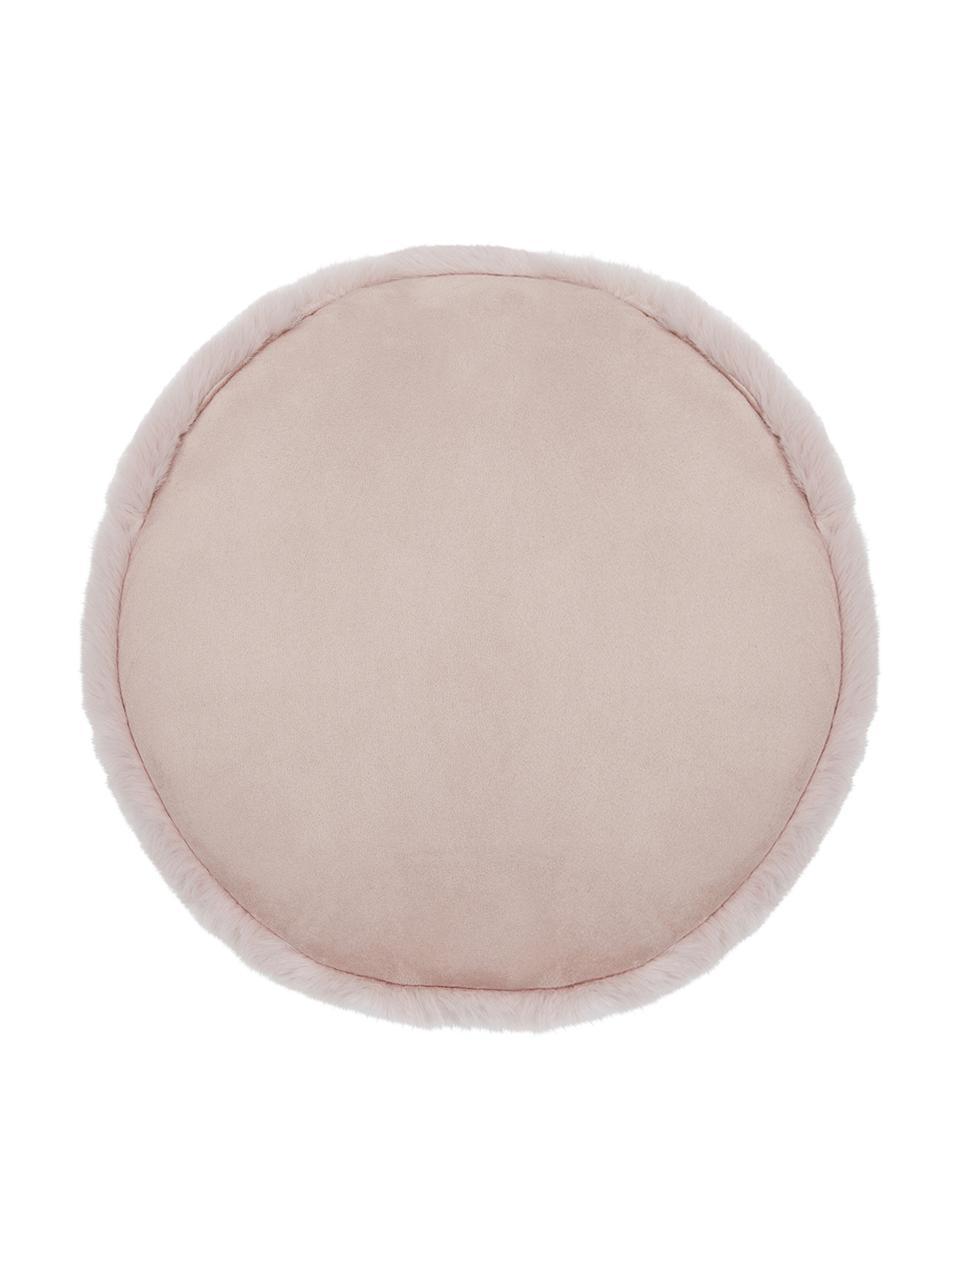 Runde Kunstfell-Sitzauflage Mette, glatt, Vorderseite: 100% Polyester, Rückseite: 100% Polyester, Rosa, Ø 37 cm